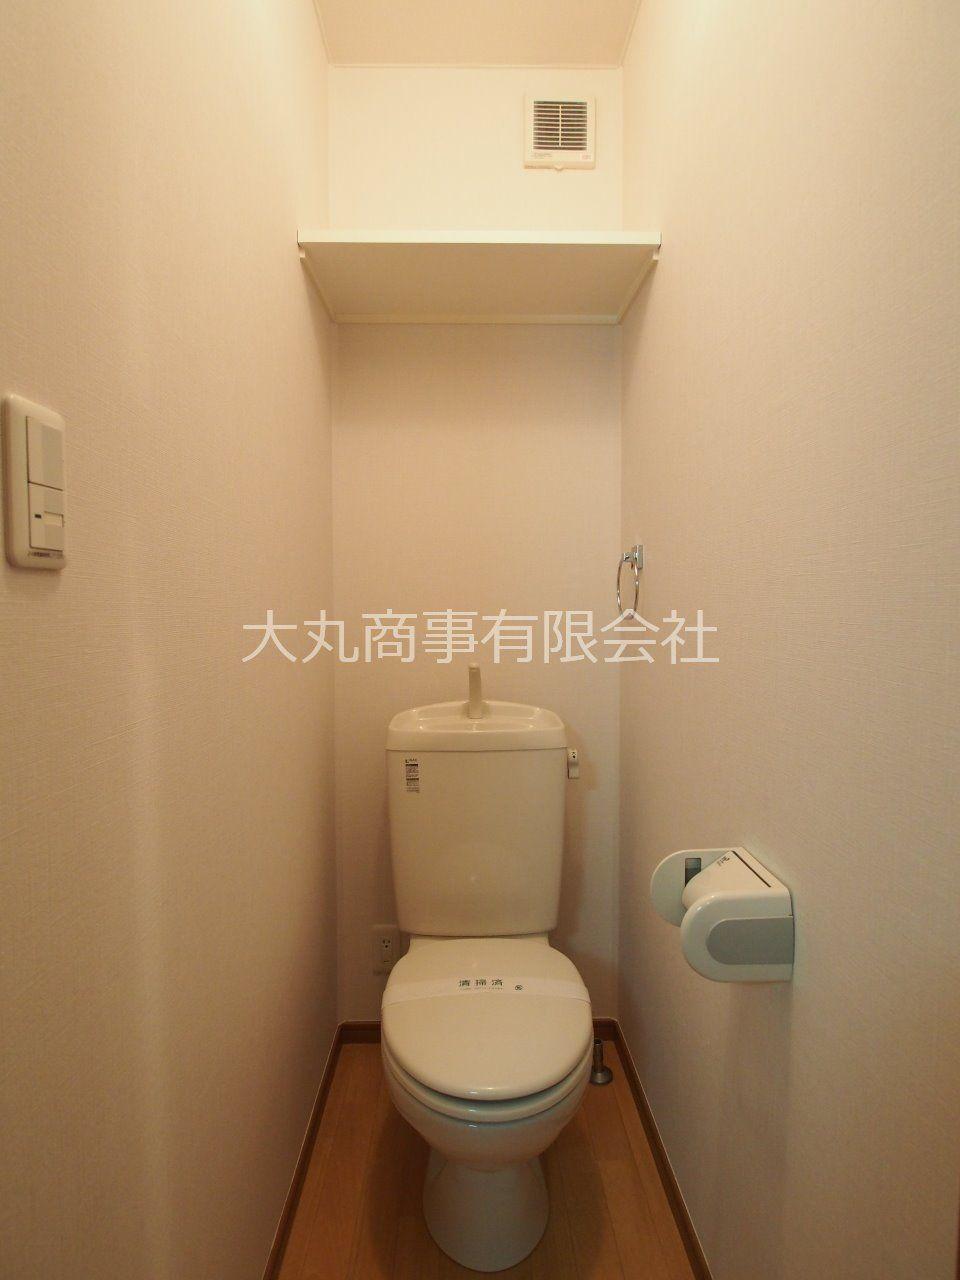 トイレットペーパーをストックしておける上棚付トイレ